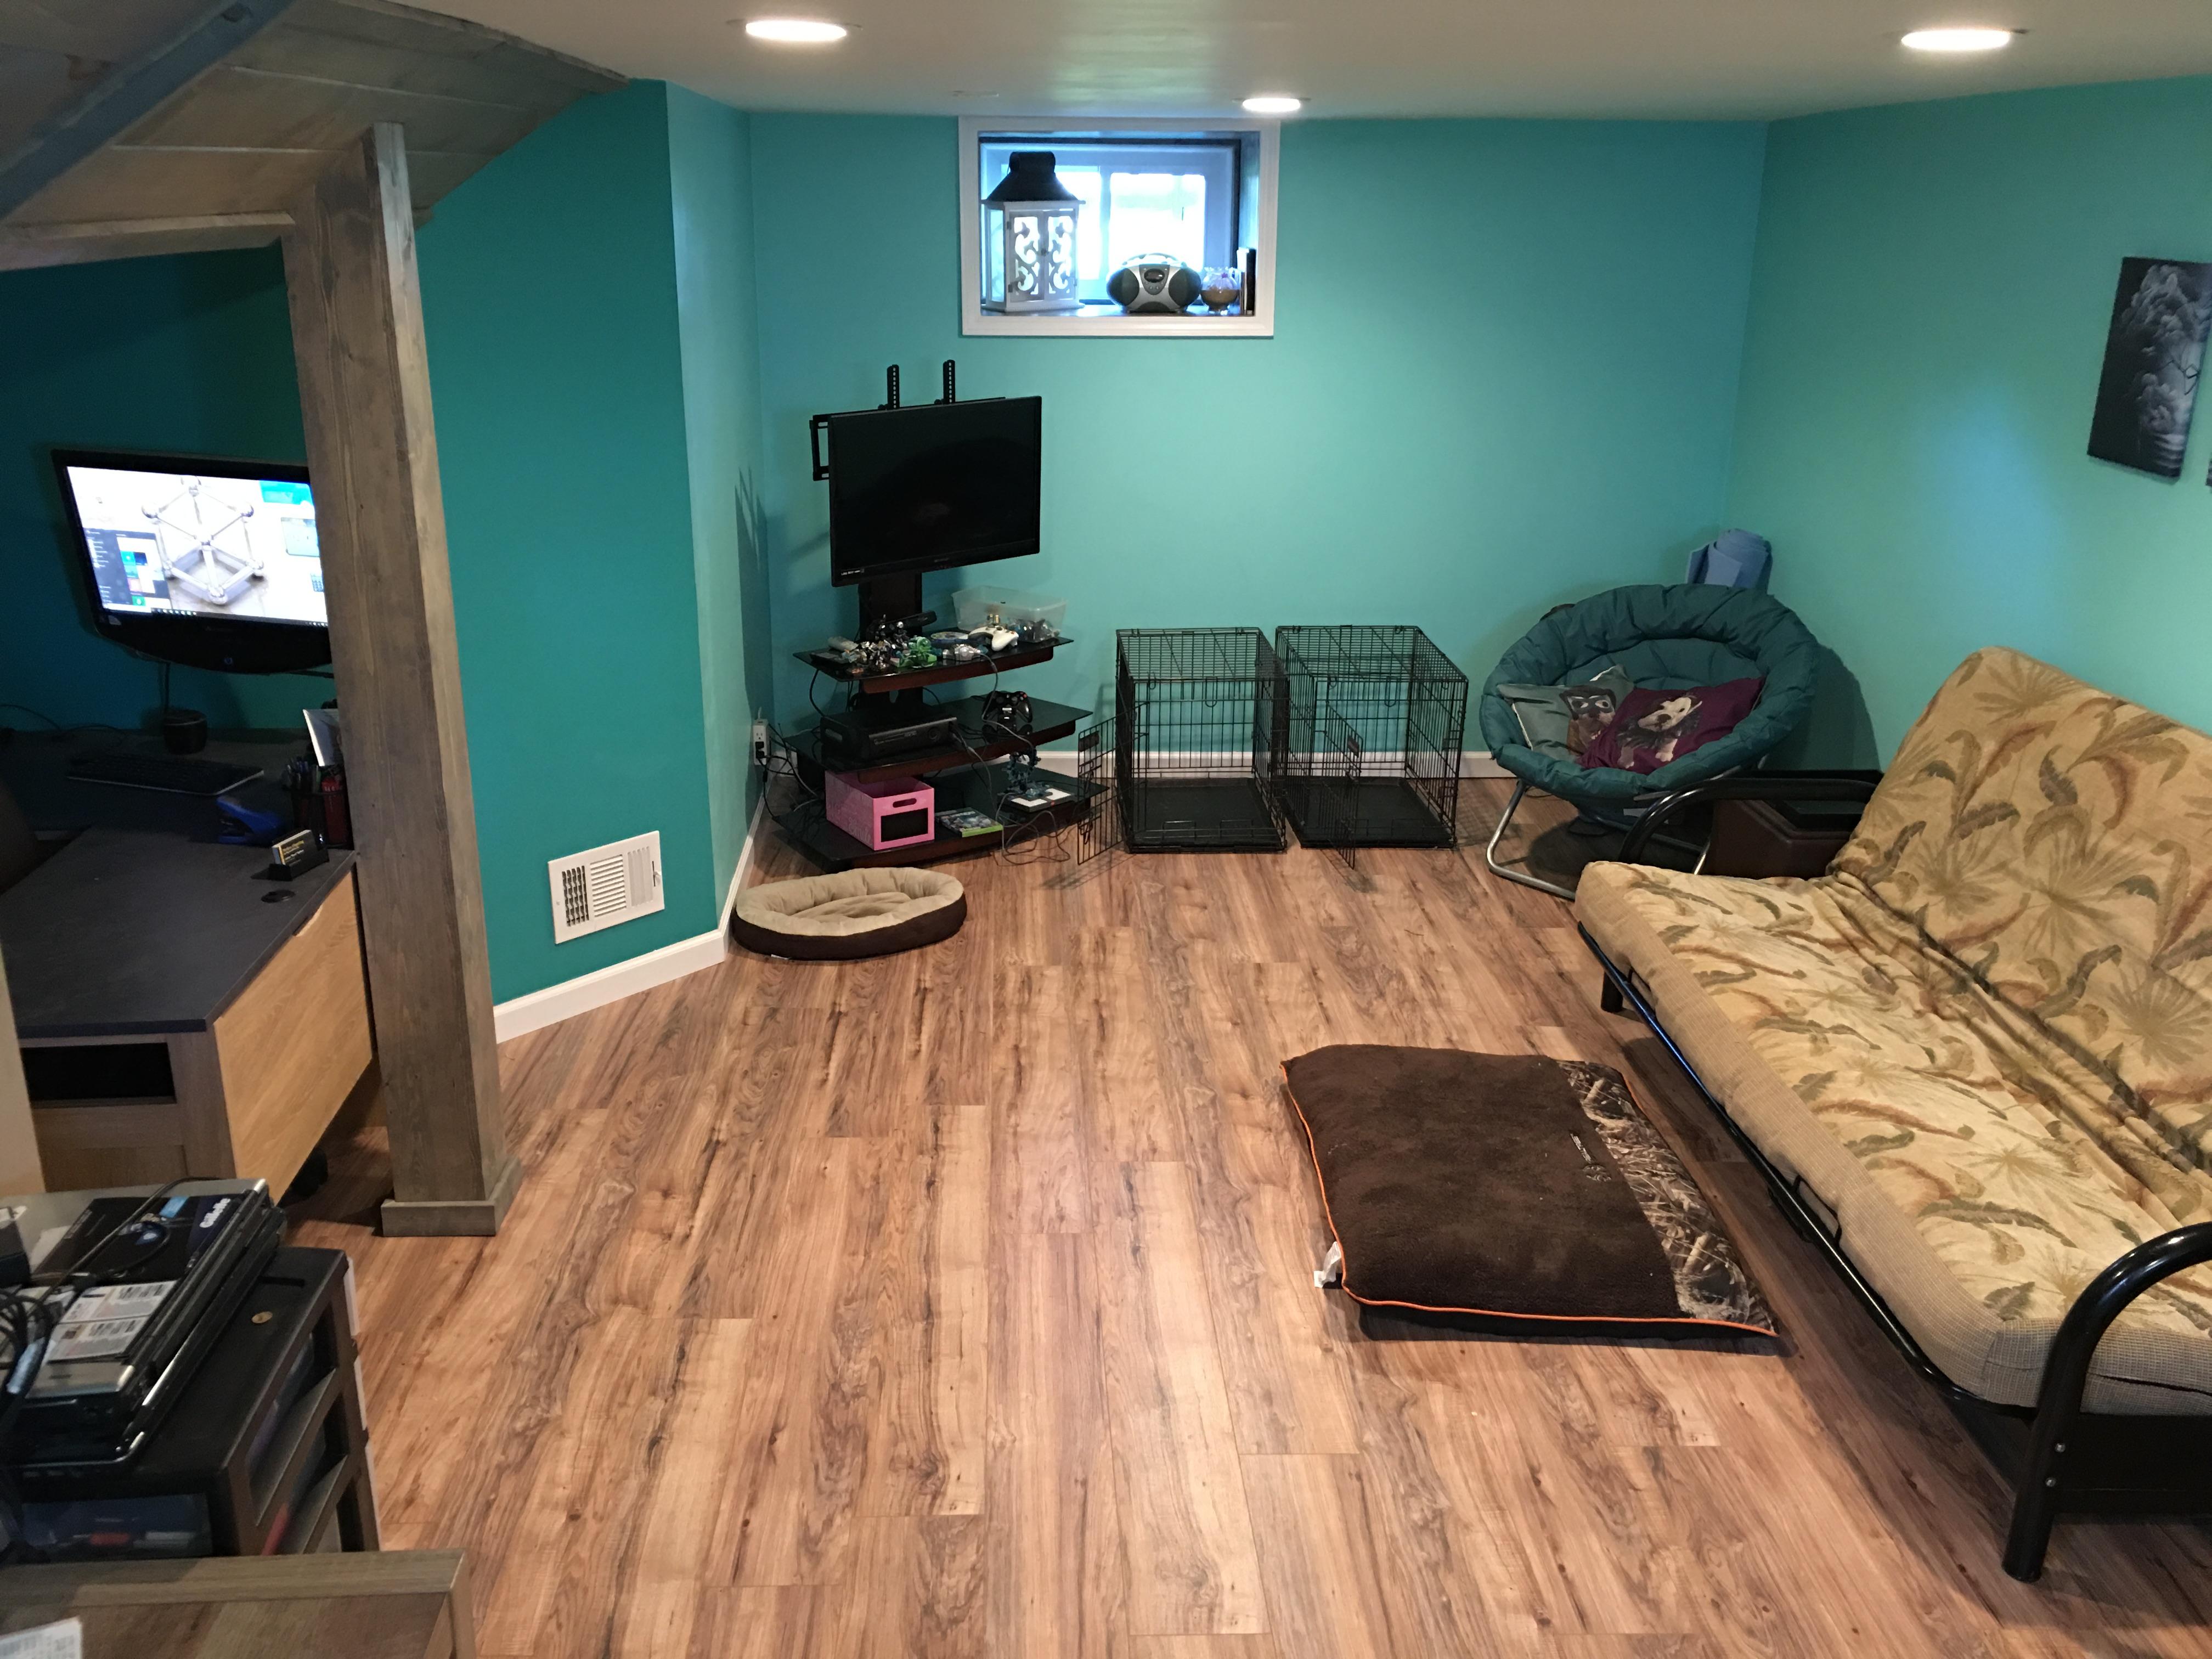 Gratis stockfoto van houten vloer wachtkamer